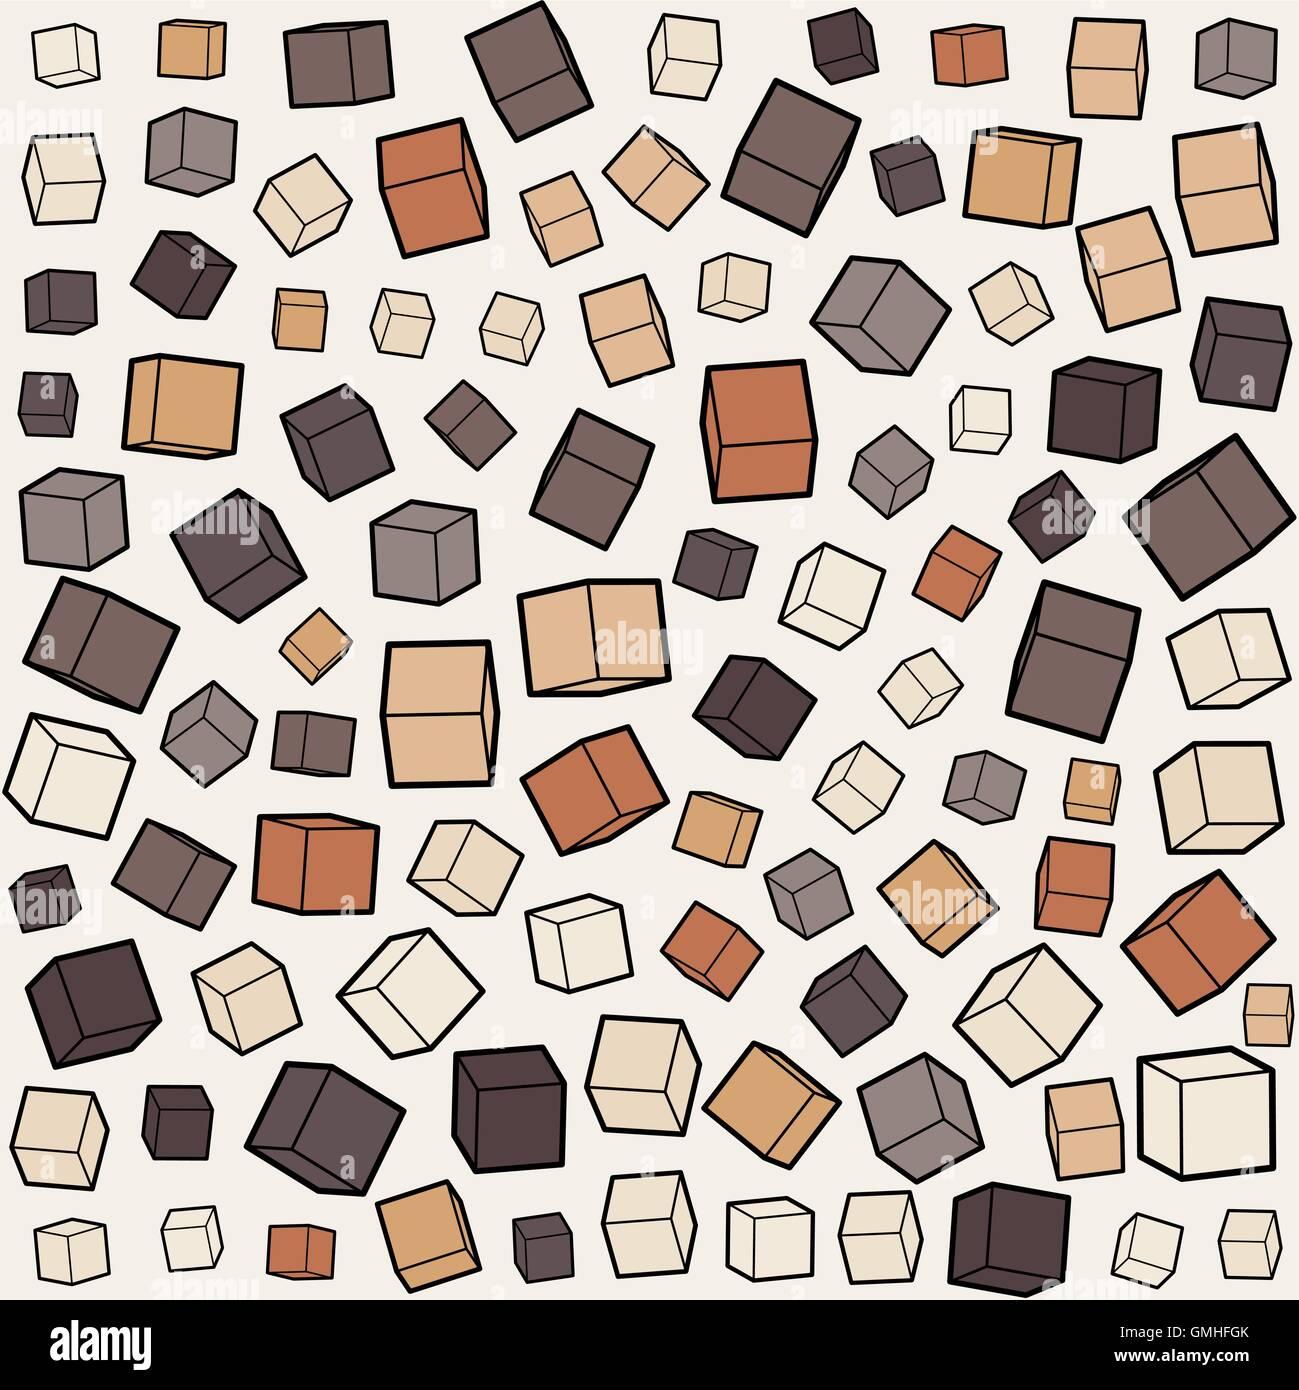 Vettore casella senza giunture cubo scala casuale accozzaglia Pattern Immagini Stock